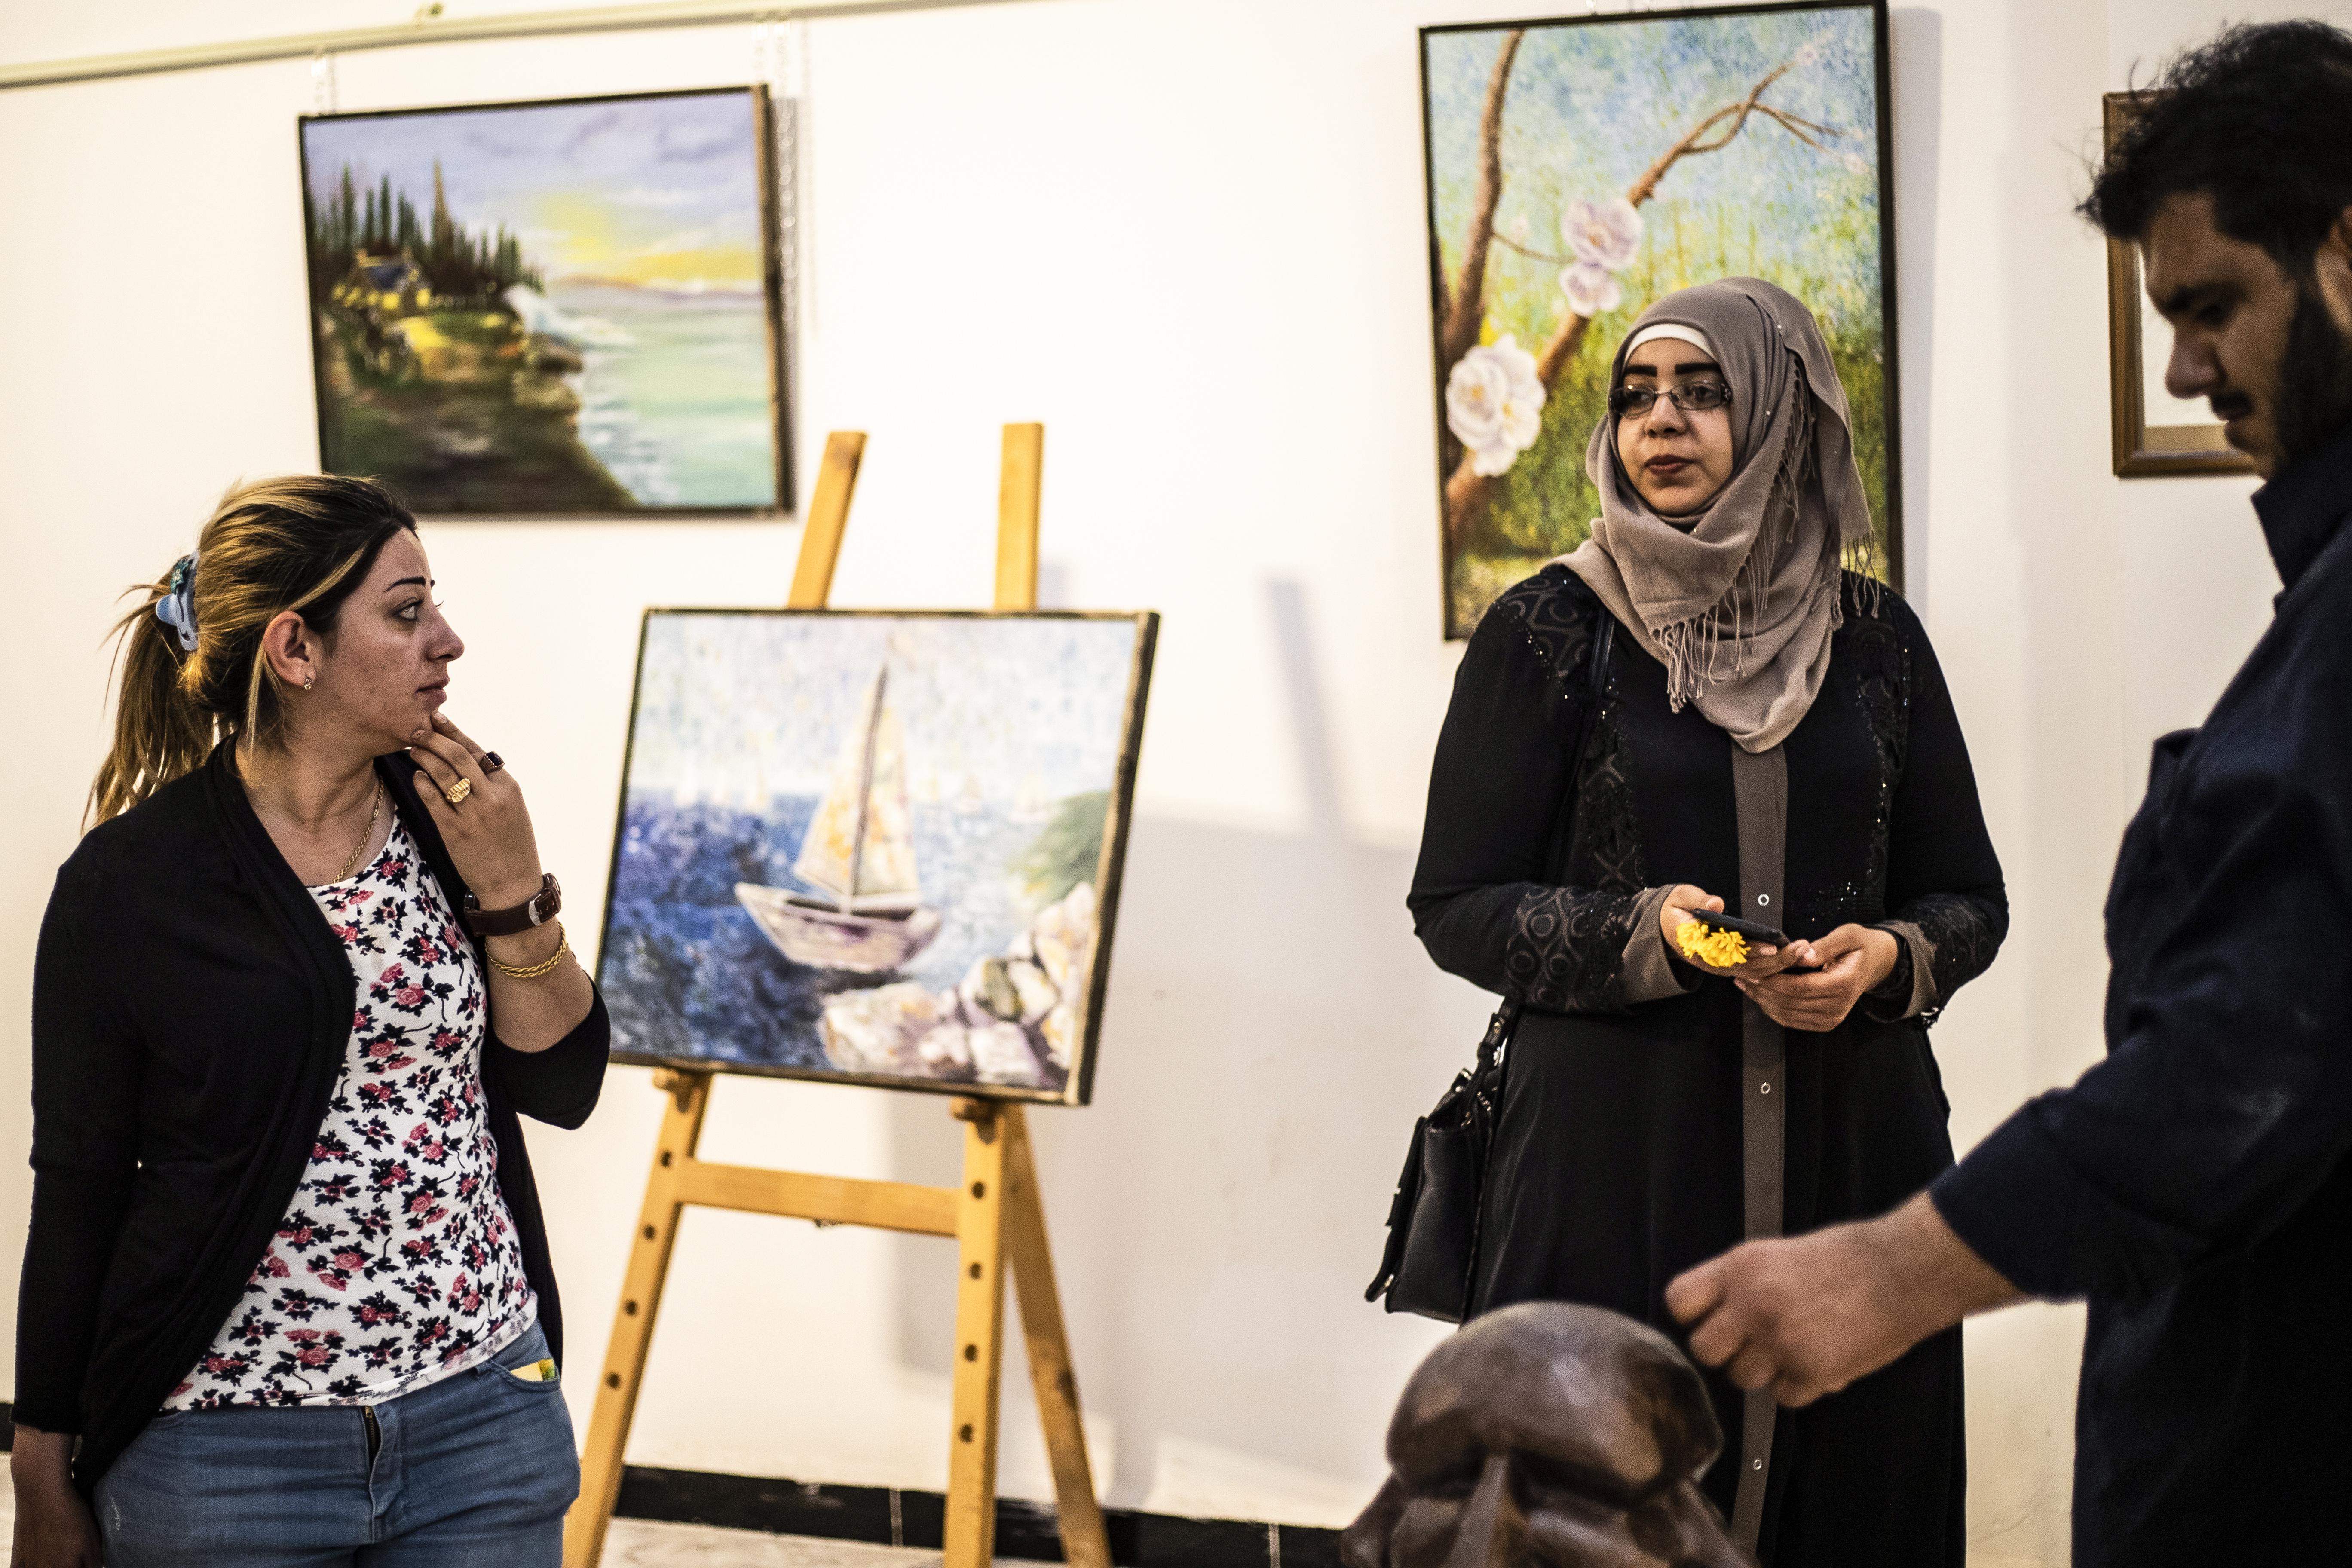 استعراض بعض الأعمال الفنية في المركز الثقافي الجديد بمدينة الرقة 1 أيار/مايو 2019